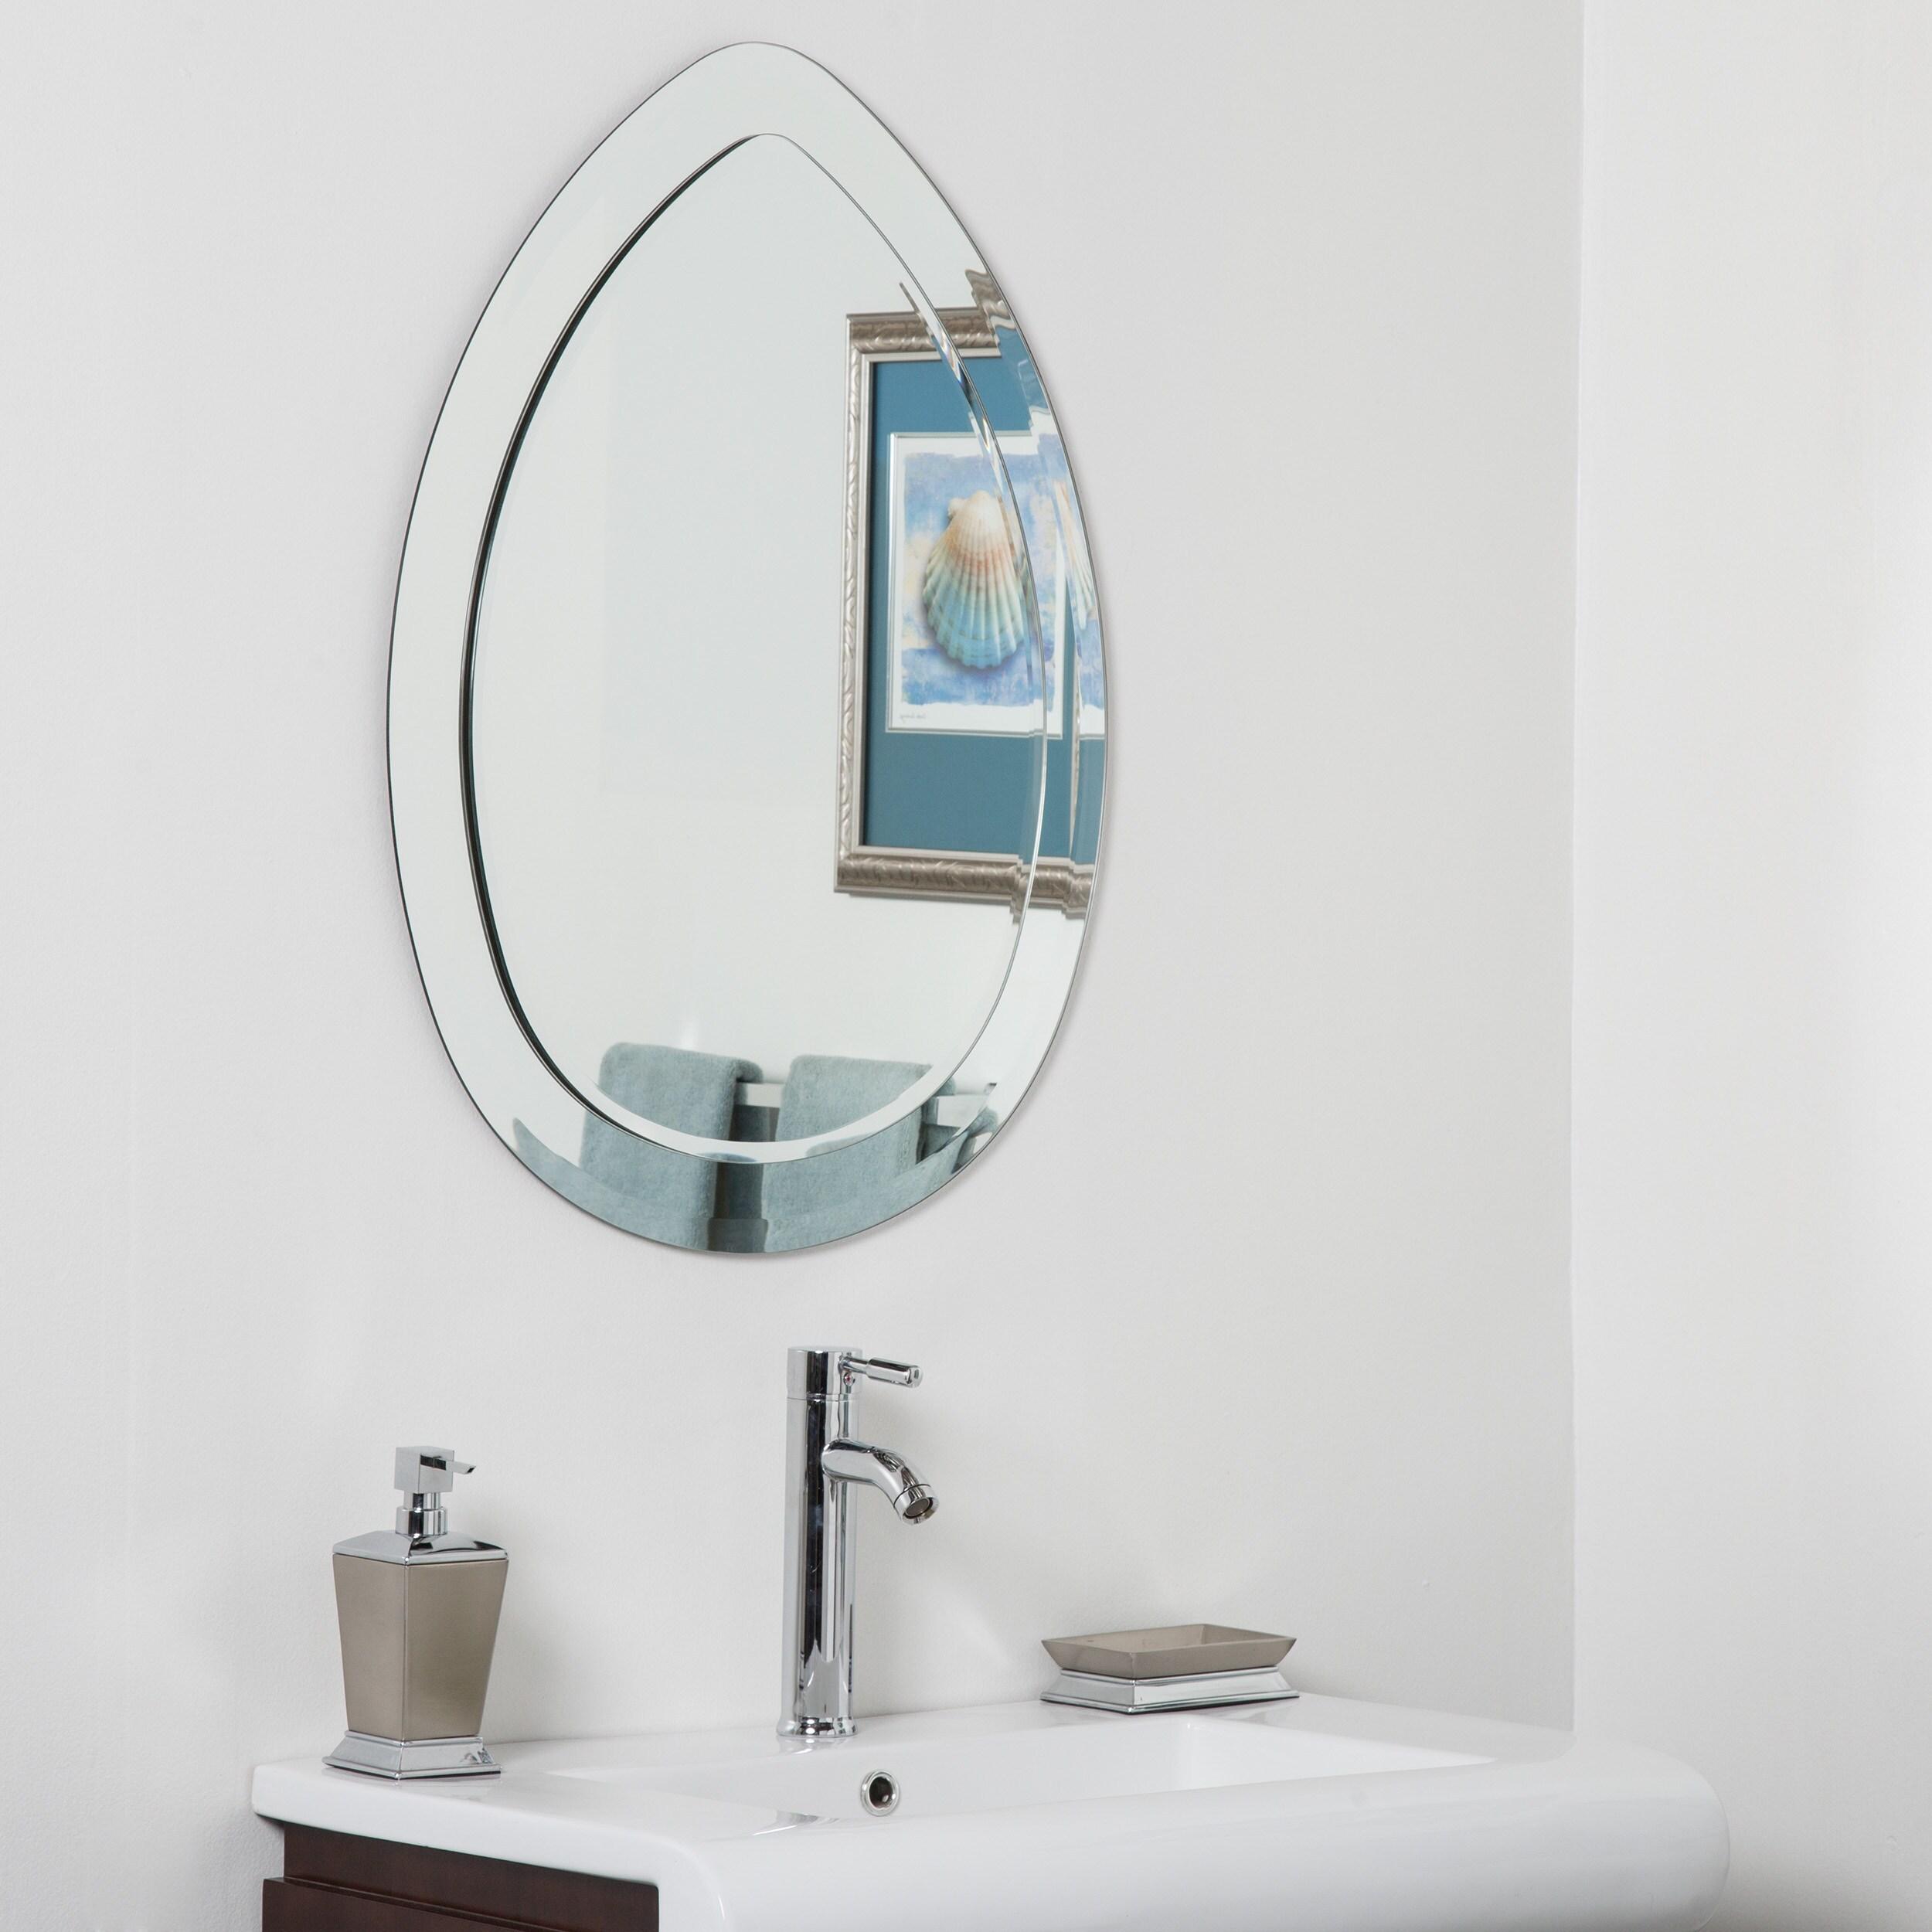 Shop Droplet Modern Bathroom Mirror - Silver - N/A - Free Shipping ...